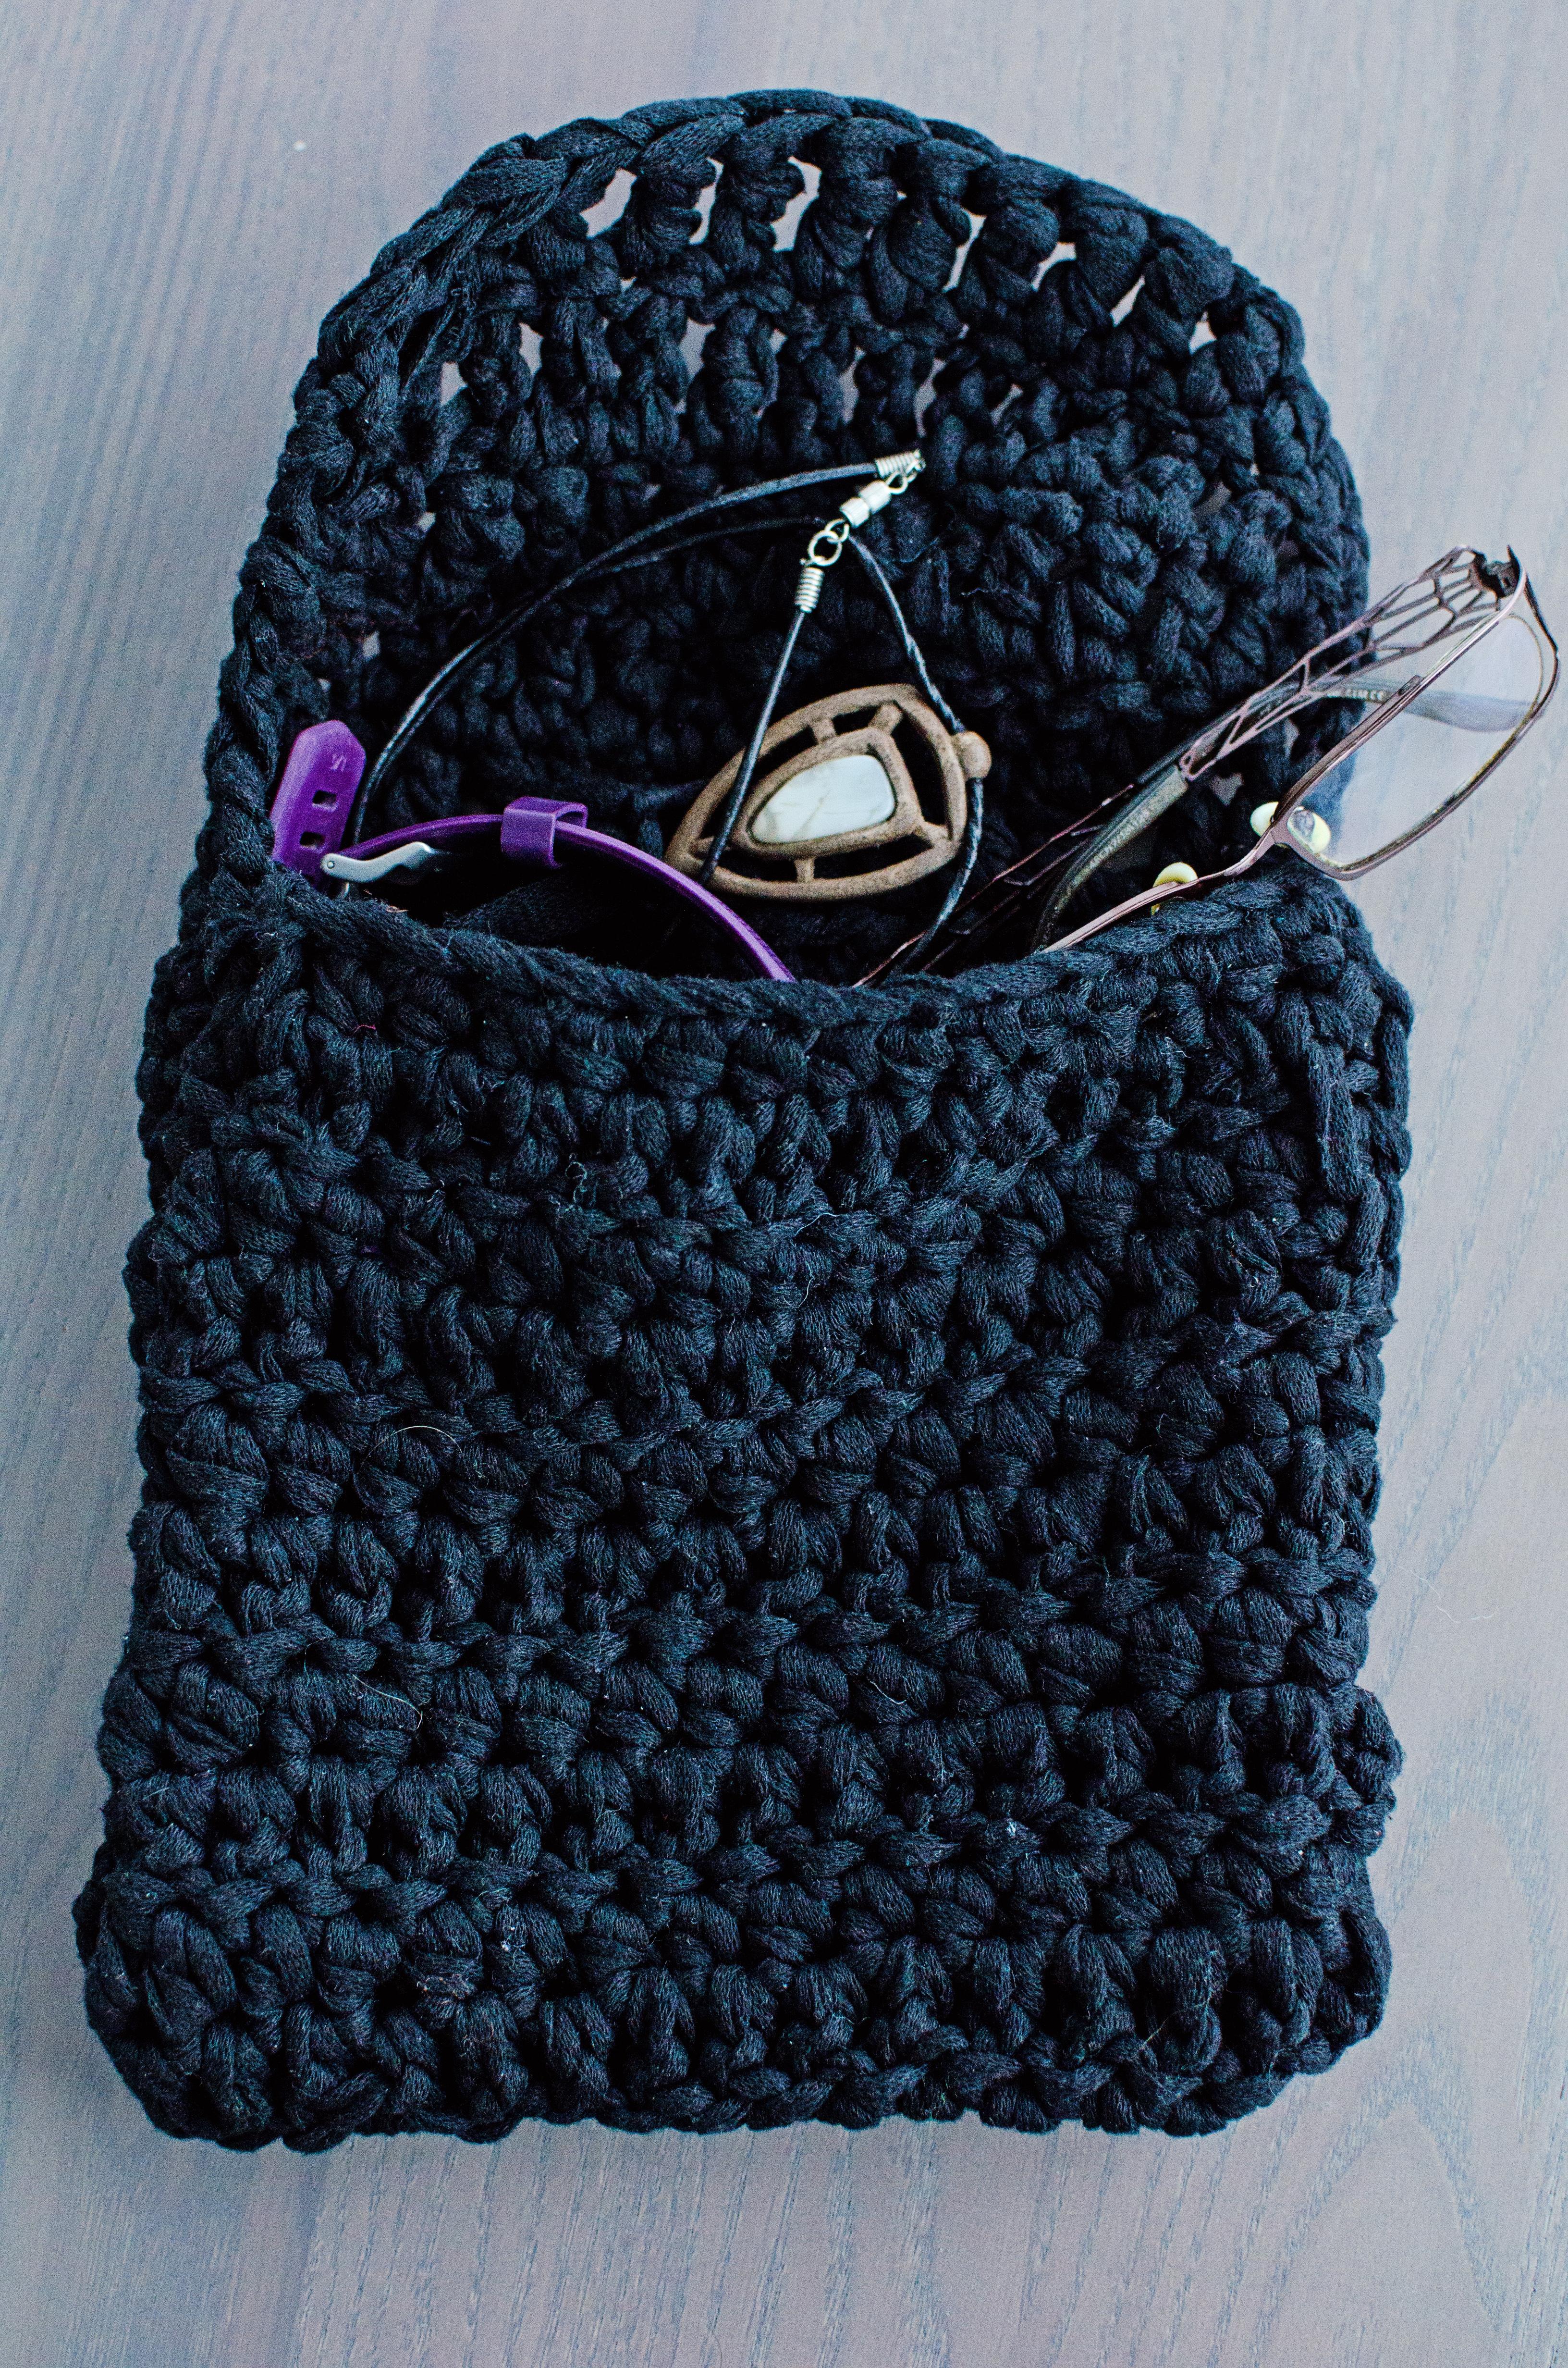 Crochet bathroom pouch – Free pattern